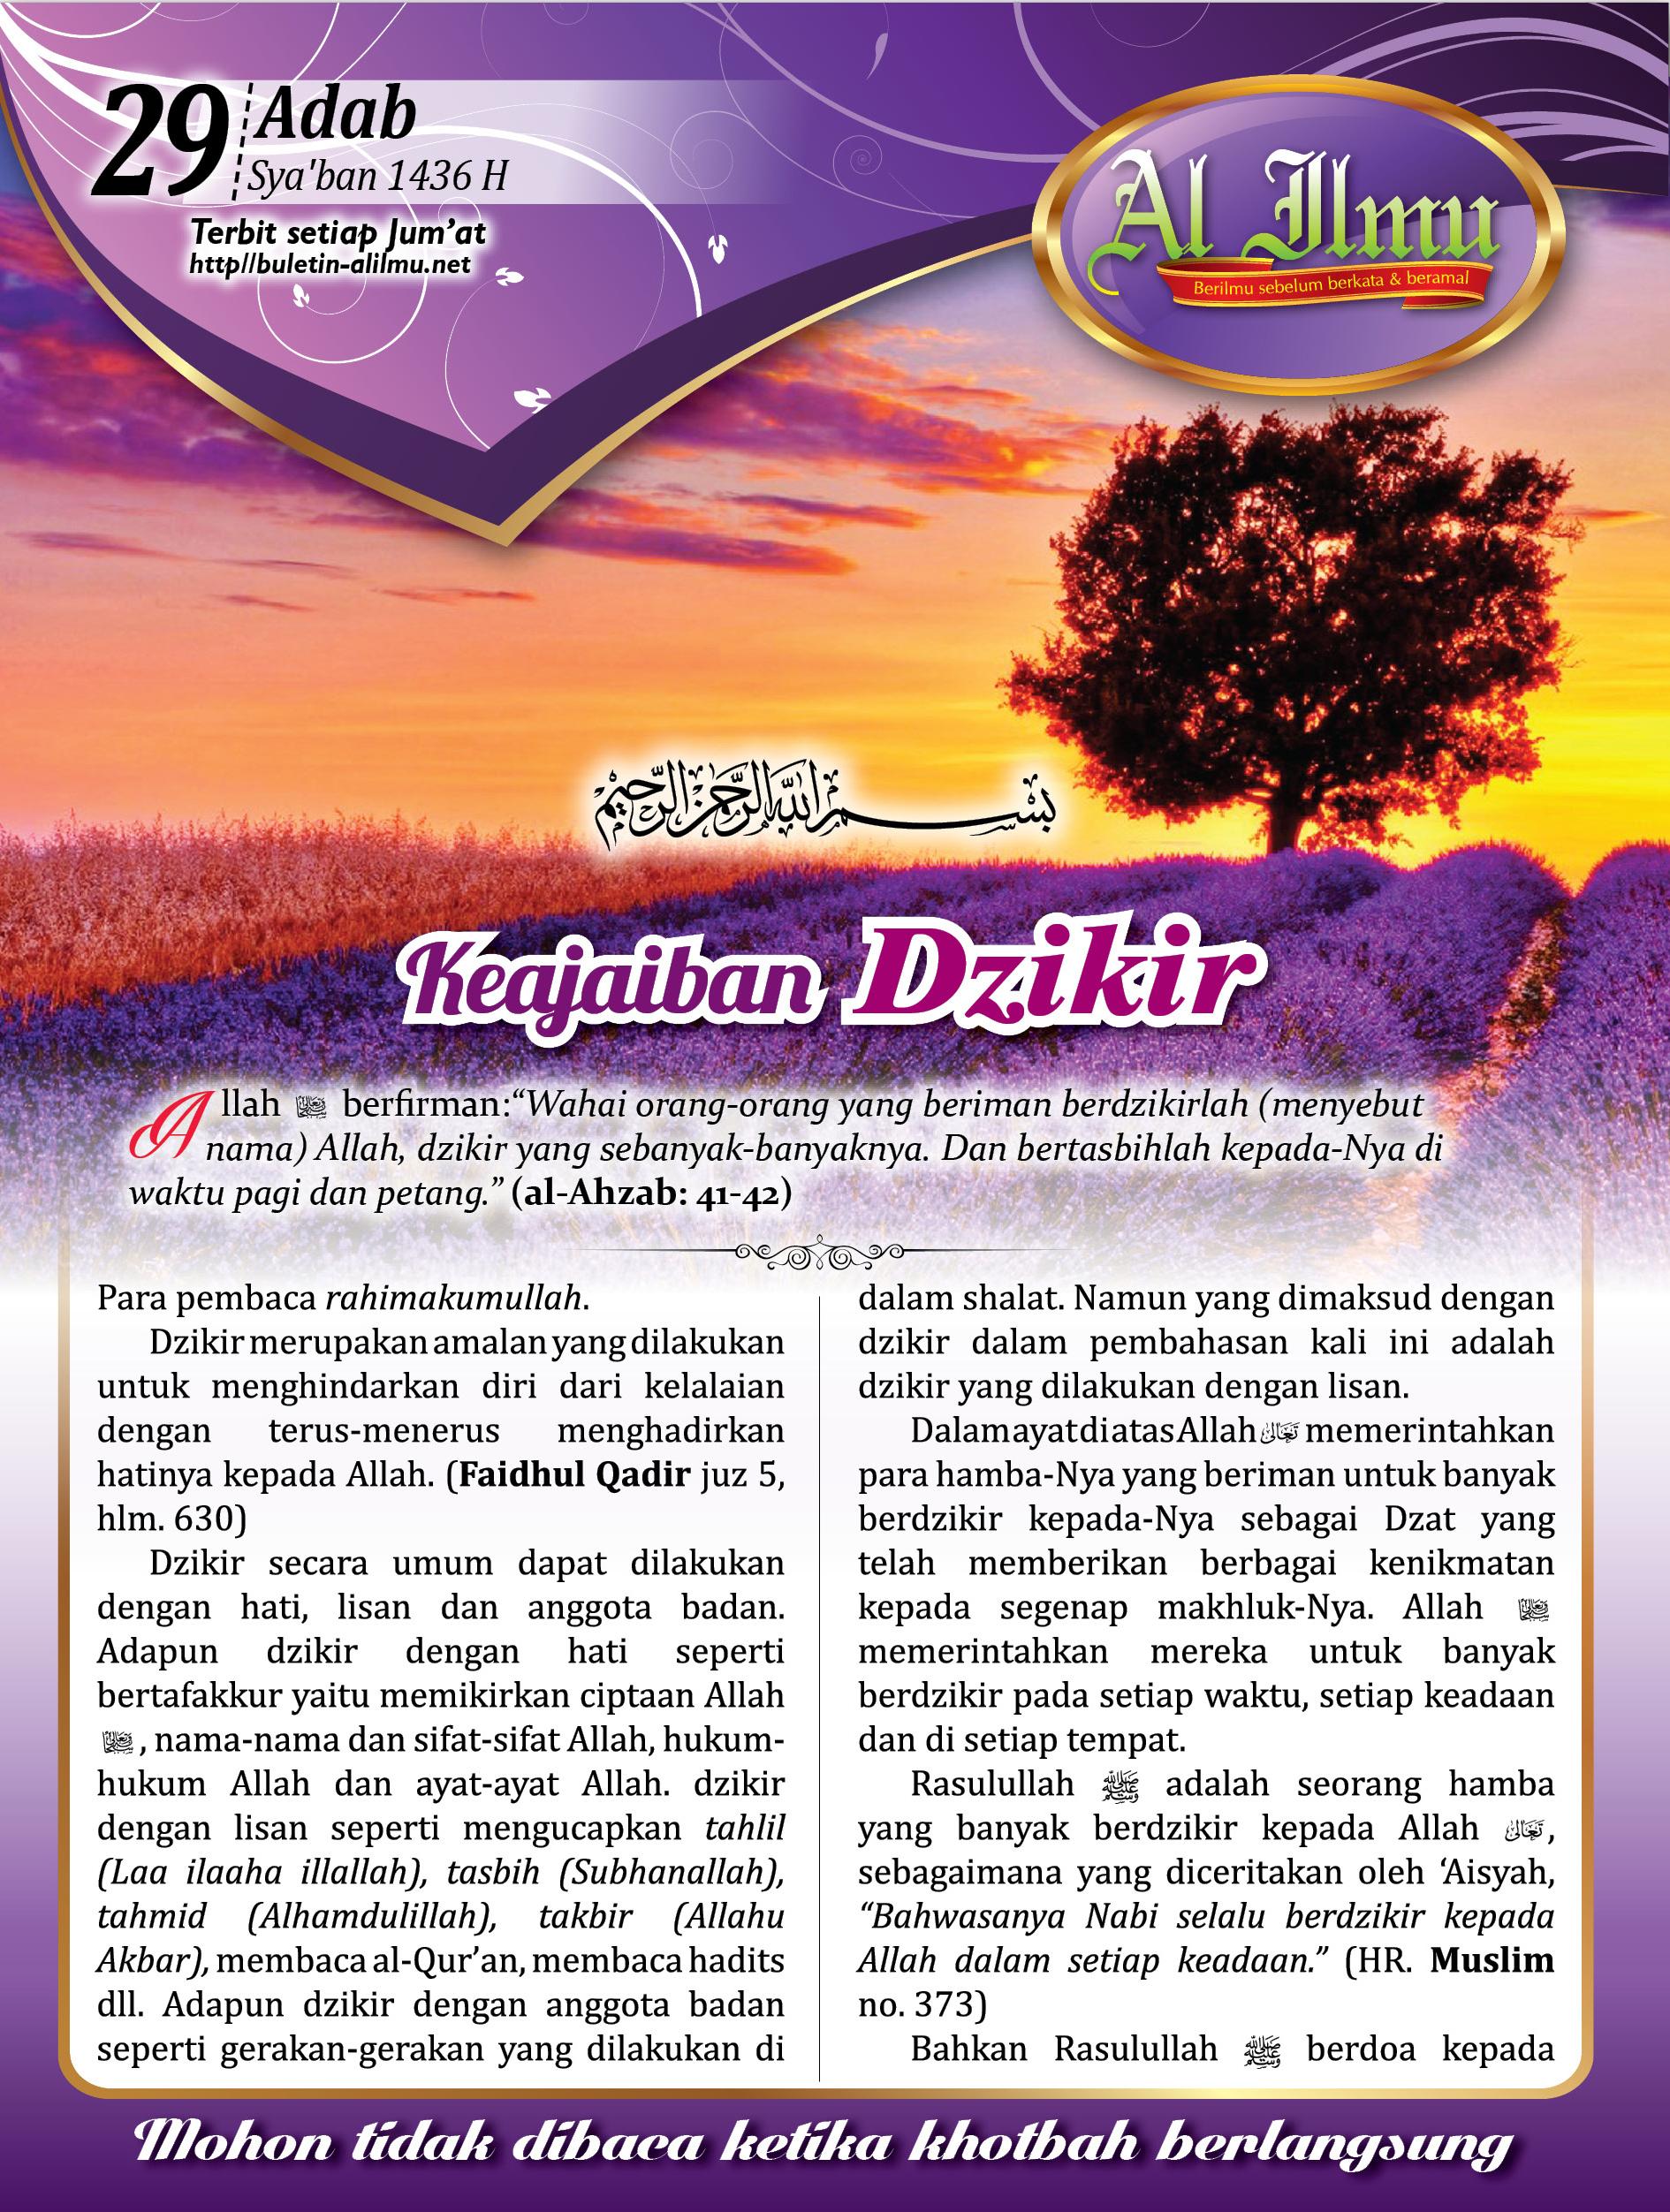 EDISI 29 ADAB 1436 H WEB 1